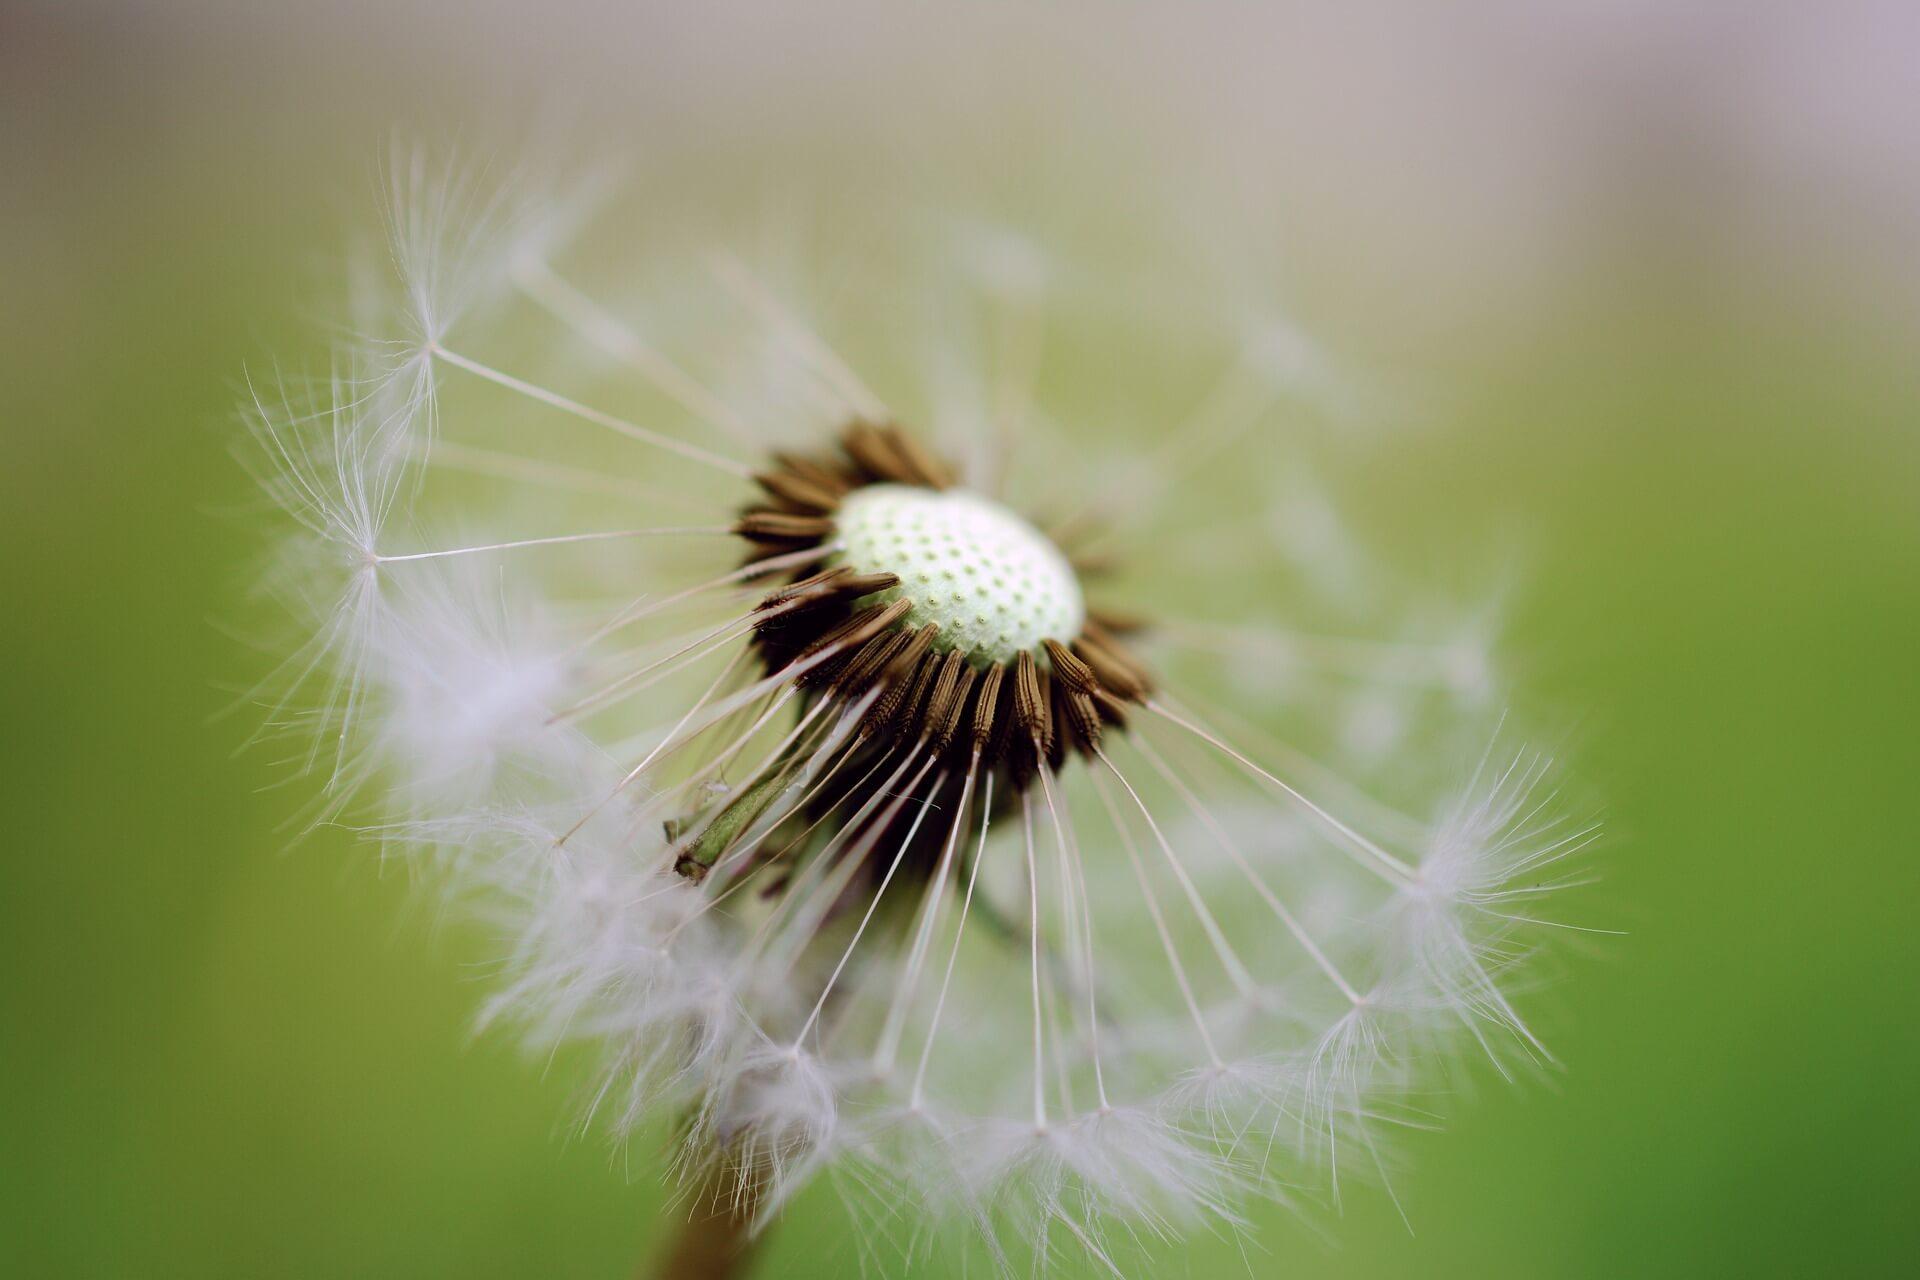 Dinge-die Sterneneltern-nach einer-Fehlgeburt-wehtun-Pusteblume-Hoffnung-Fehlgeburt-verarbeiten